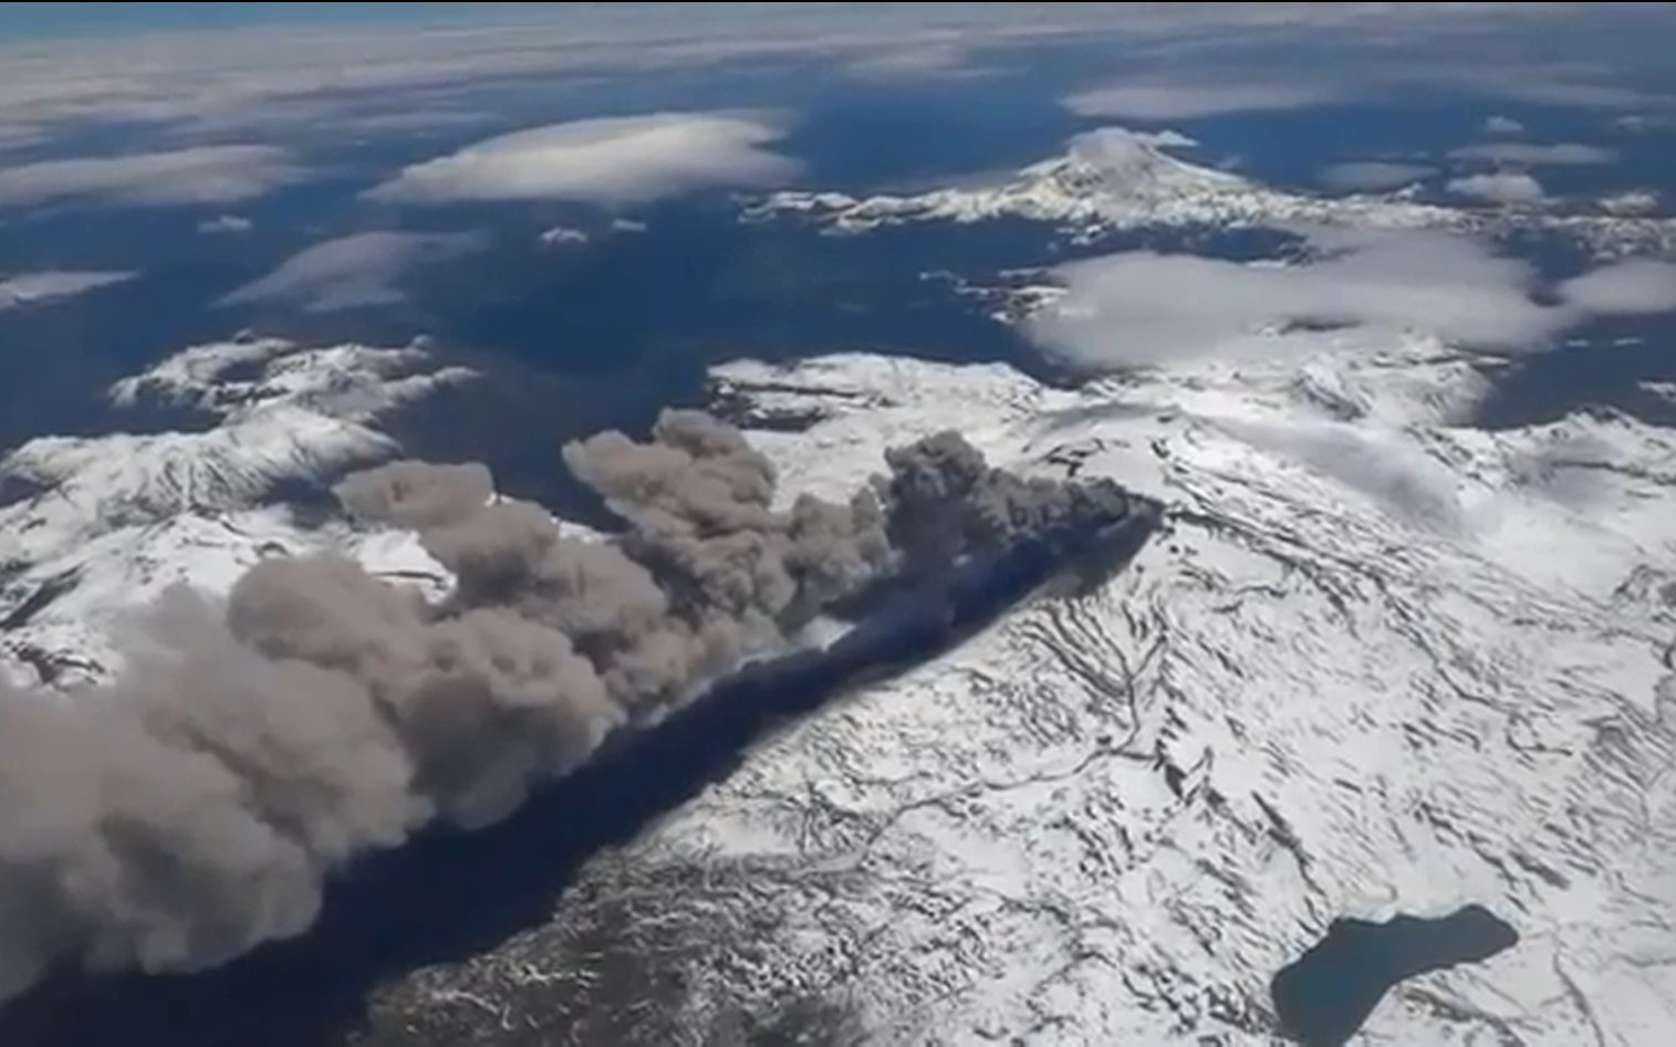 Le volcan Copahue a commencé à s'activer le dimanche 26 mai. Une alerte similaire avait eu lieu le 24 décembre 2012. Les volcanologues sont sur le qui-vive, car l'activité sismique suggère la survenue d'une éruption massive. © Capture d'écran, Jorge Aranda, YouTube